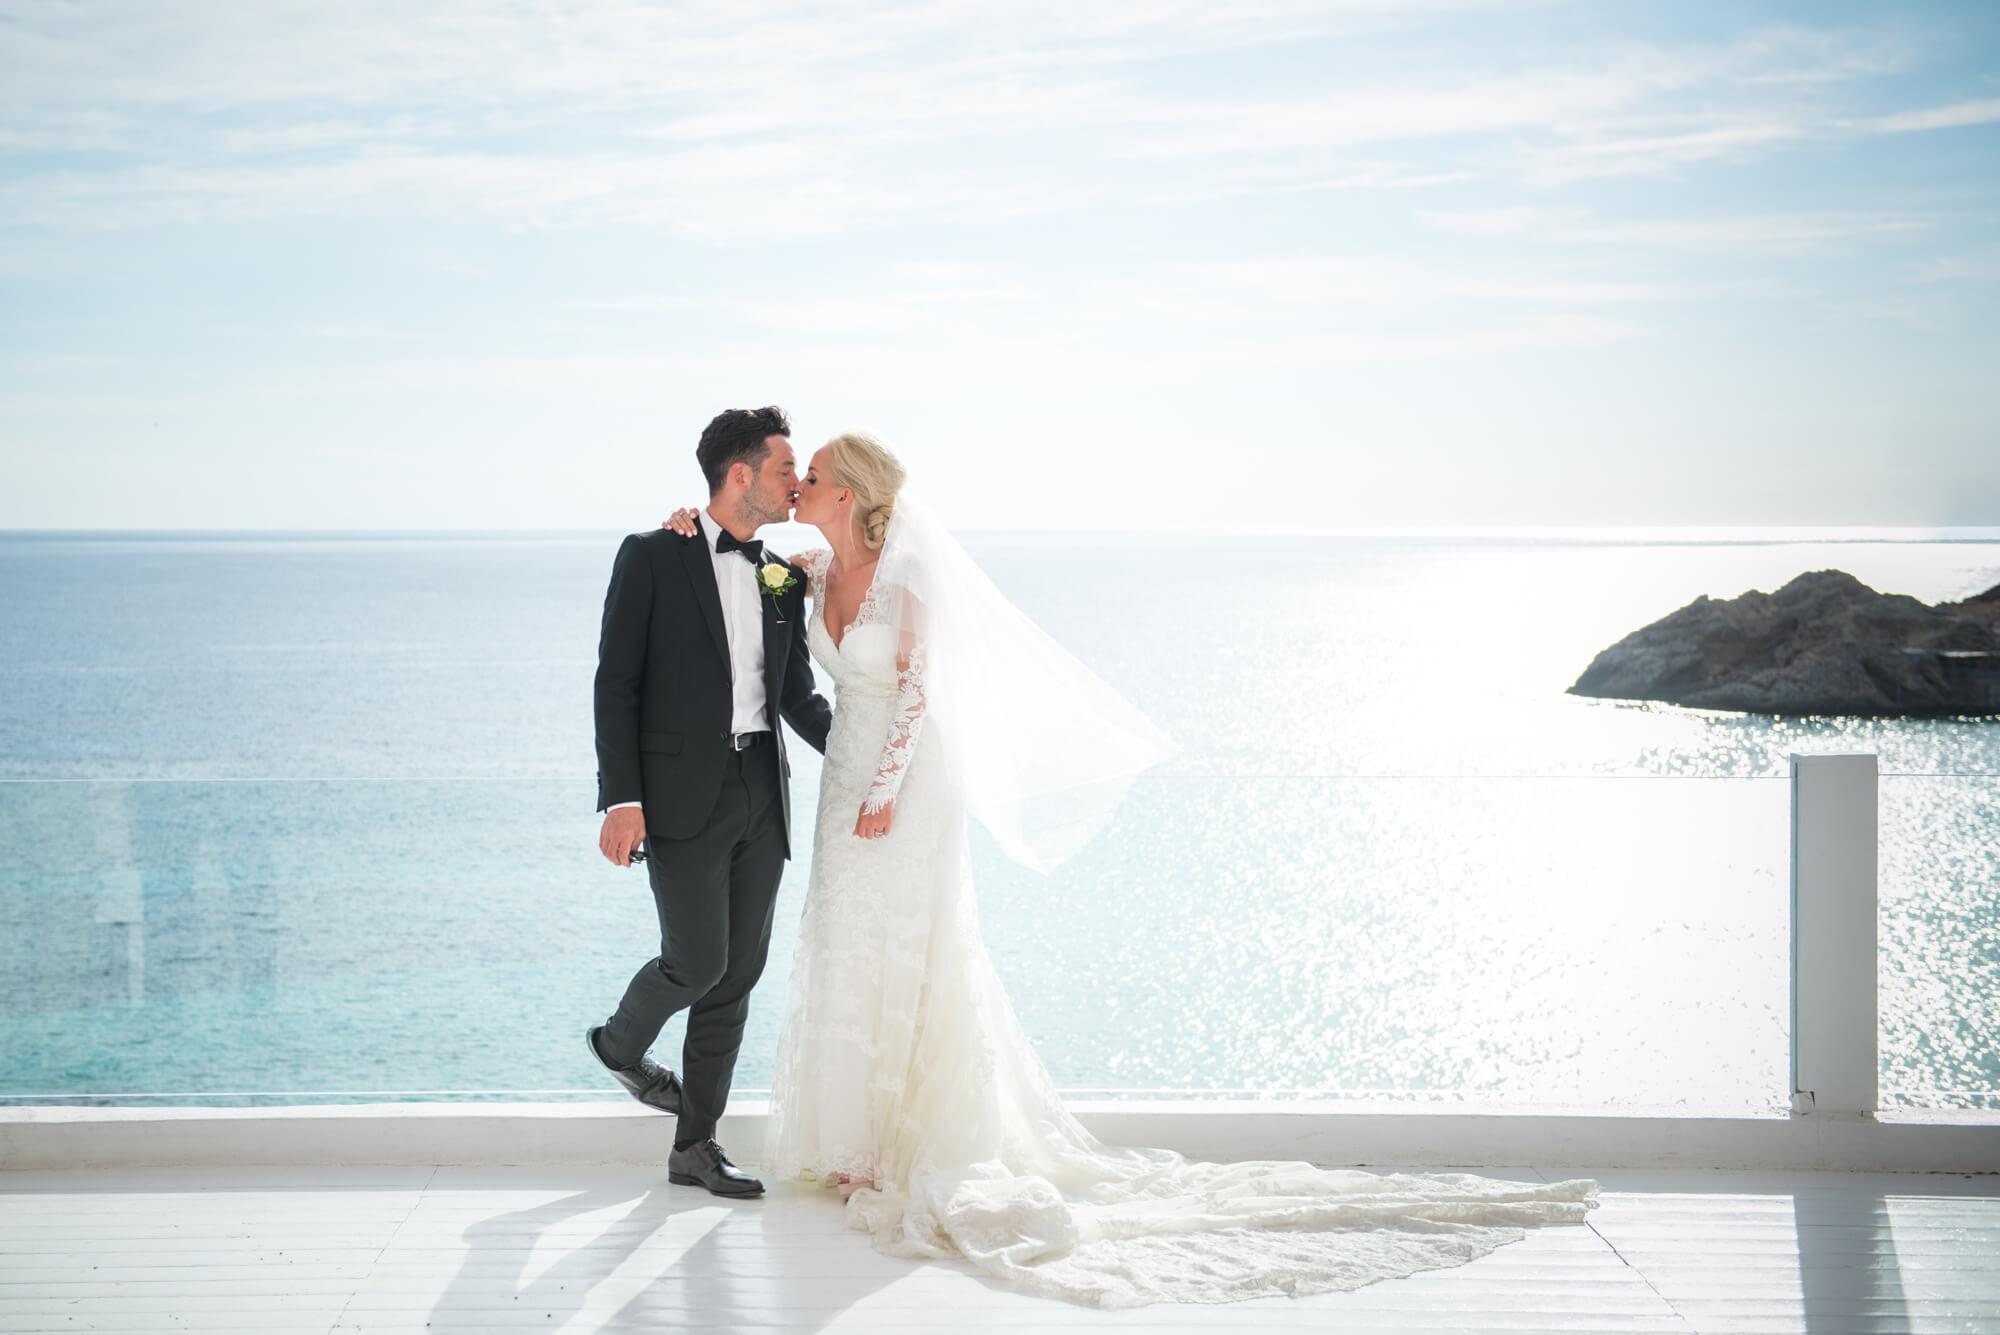 black tie lace wedding dress couple portrait kiss seaview venue horizon